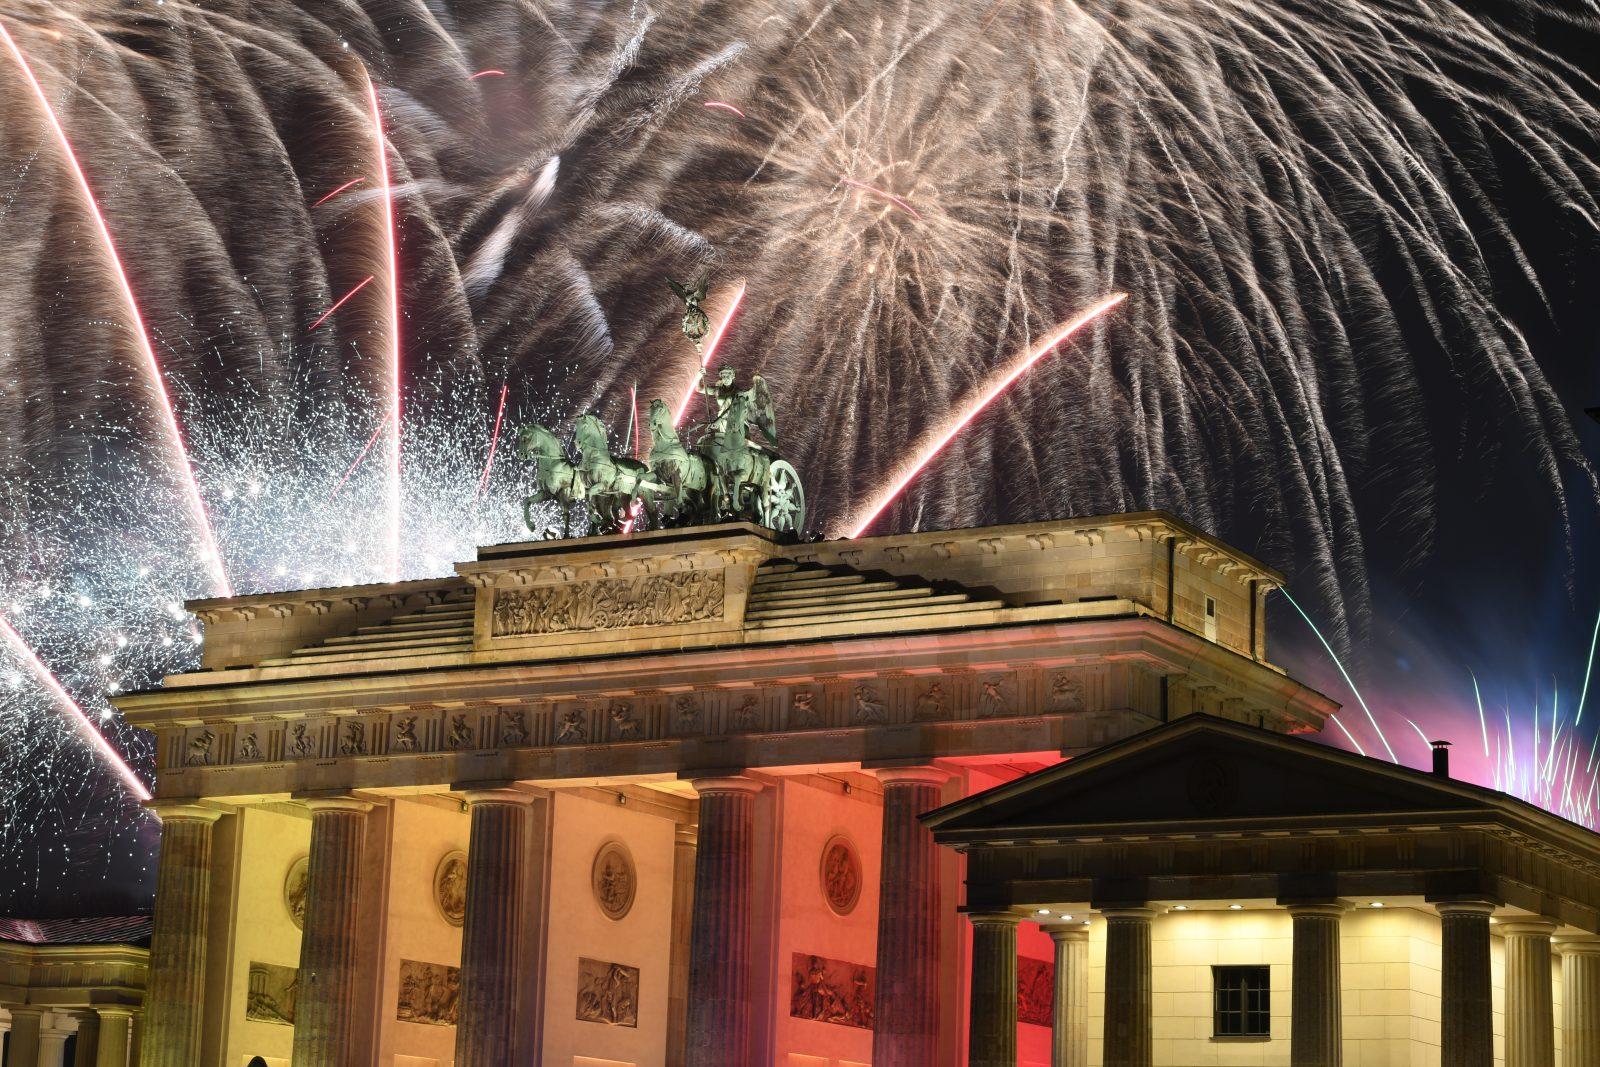 Silvesterfeuerwerk am Brandenburger Tor: Mehrere Politiker fordern in diesem Jahr aufgrund der Corona-Krise das Neuhahr nicht groß zu feiern